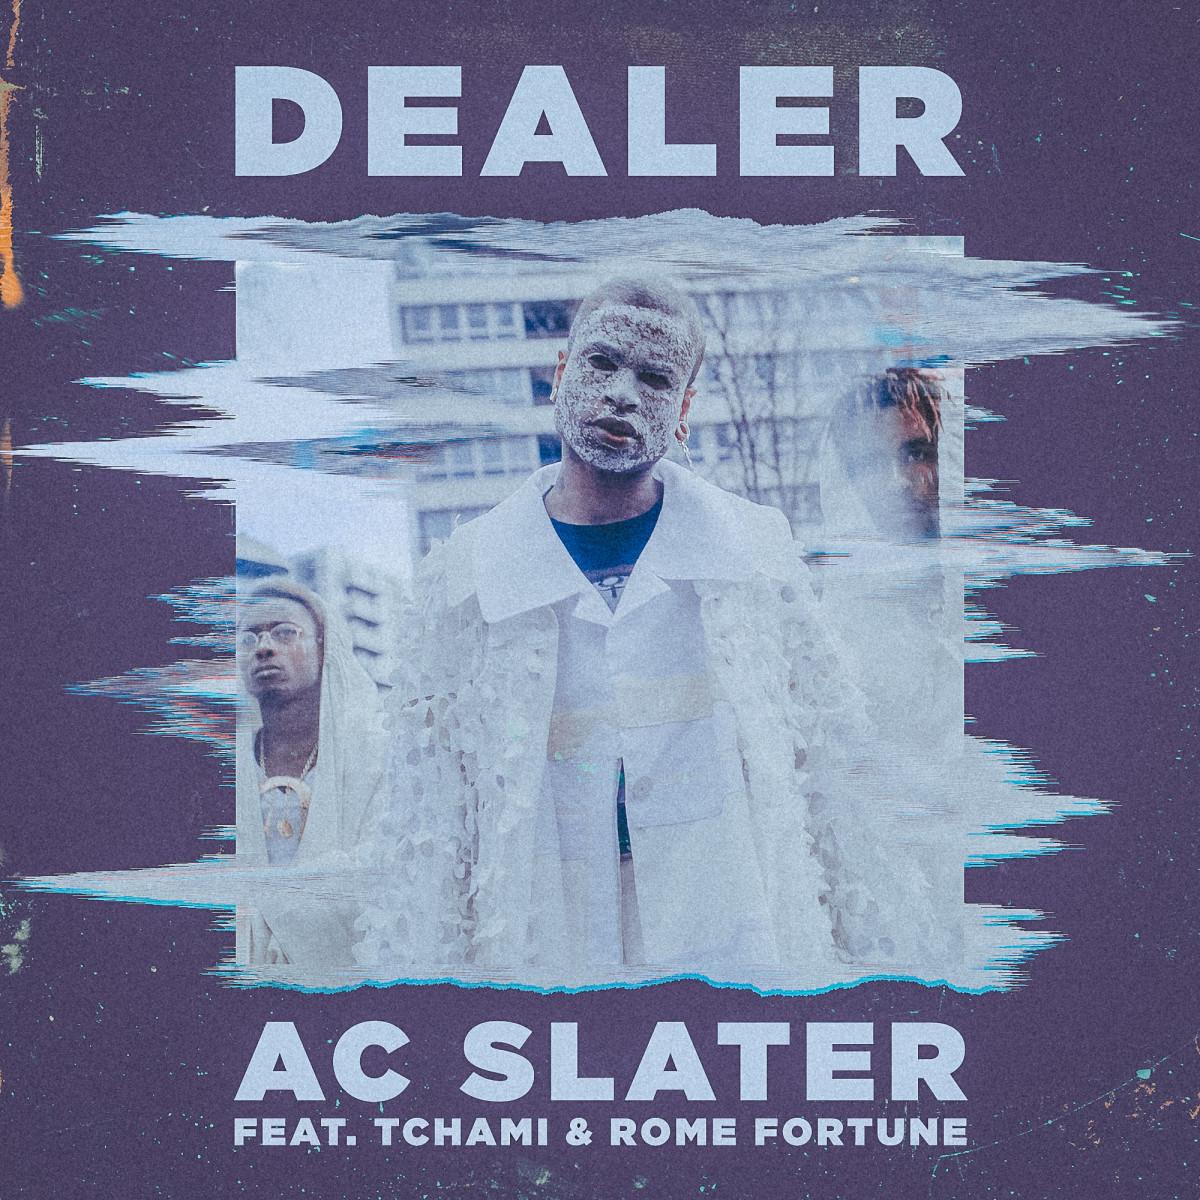 Dealer ART